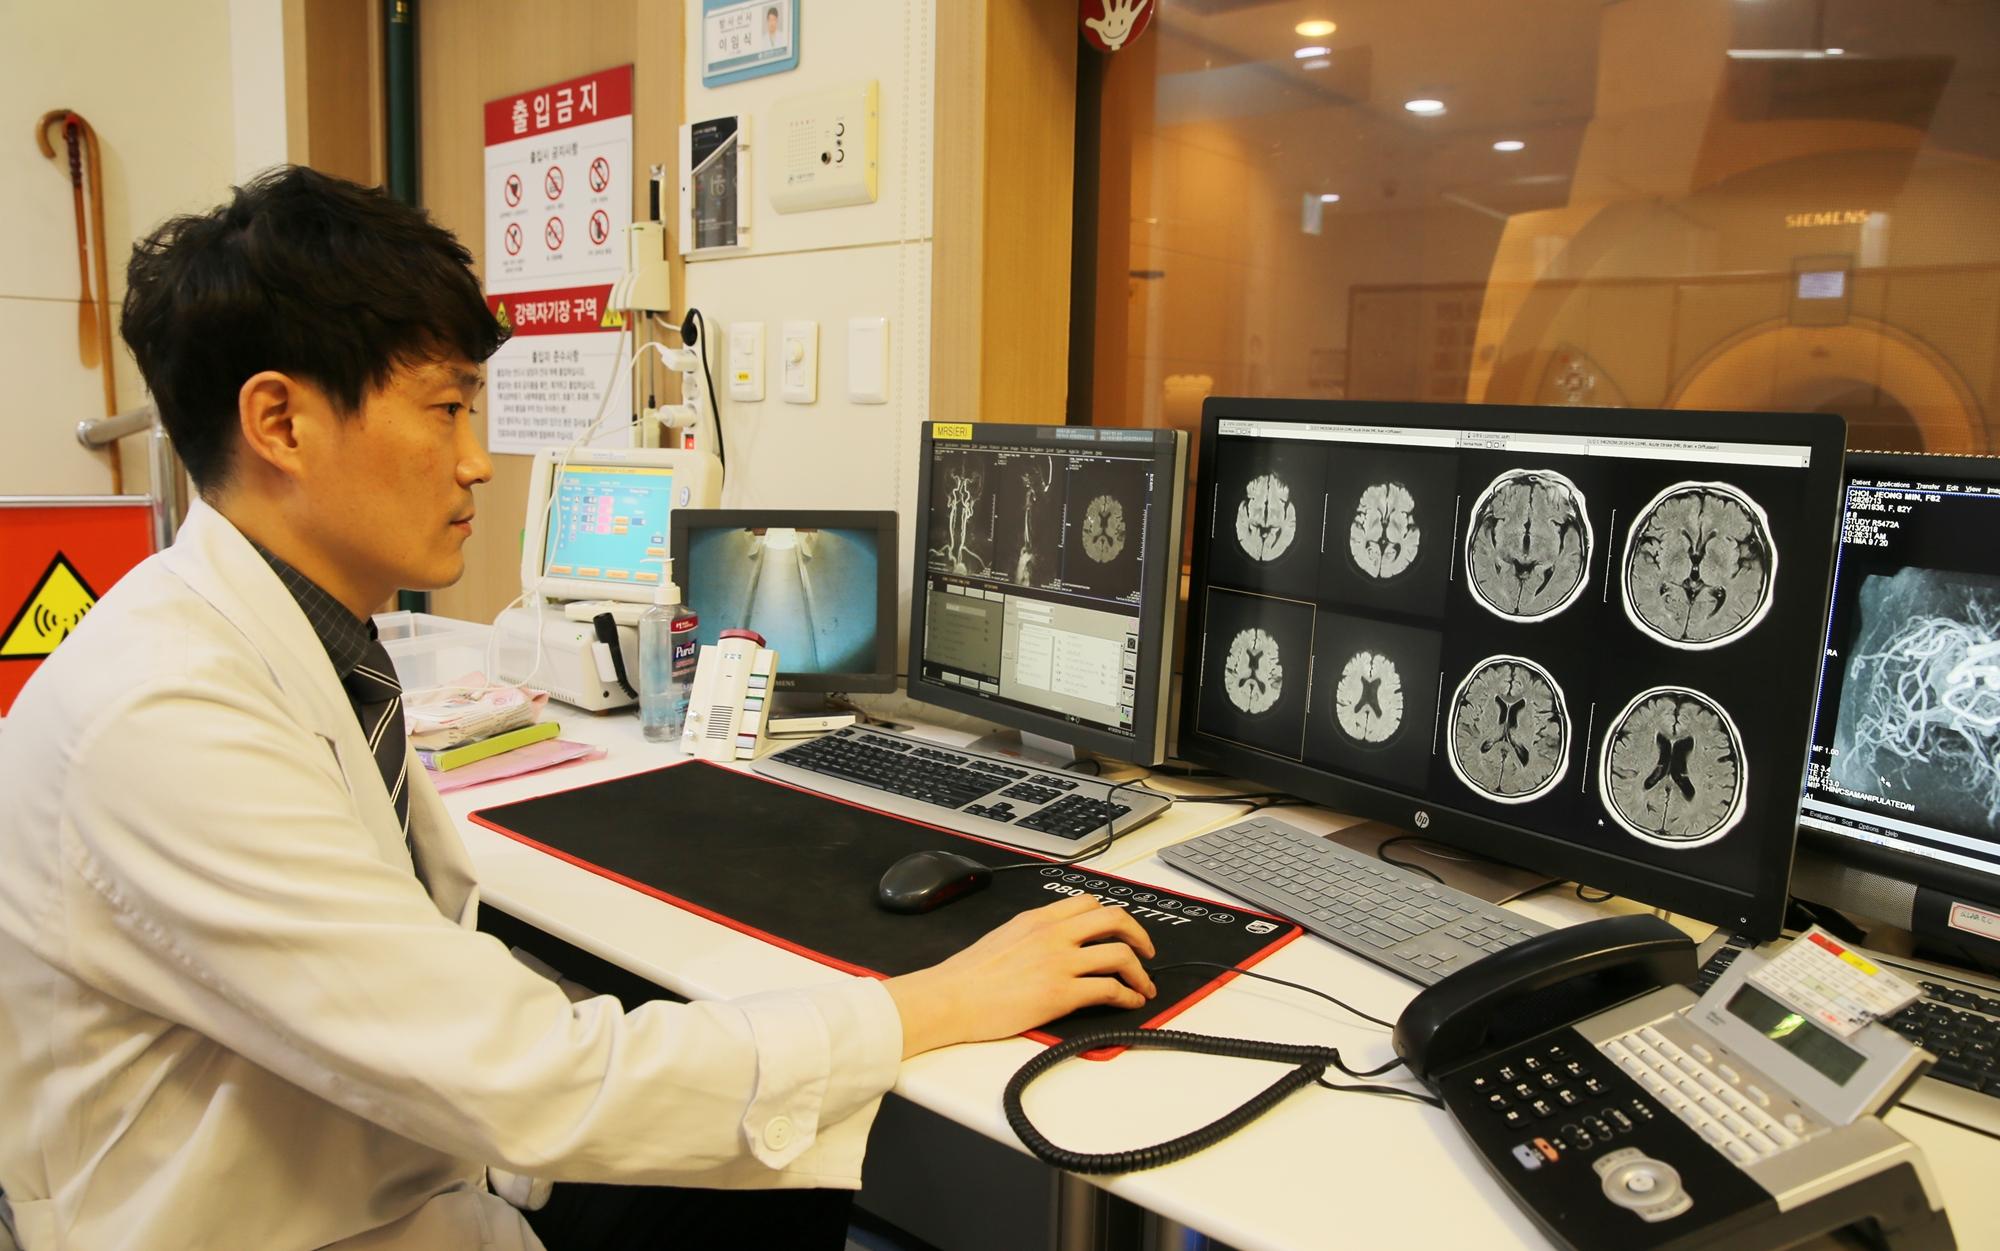 일산화탄소 중독 인한 '뇌 손상' 위험'MRI 패턴'으로 예측·대응할 수 있어